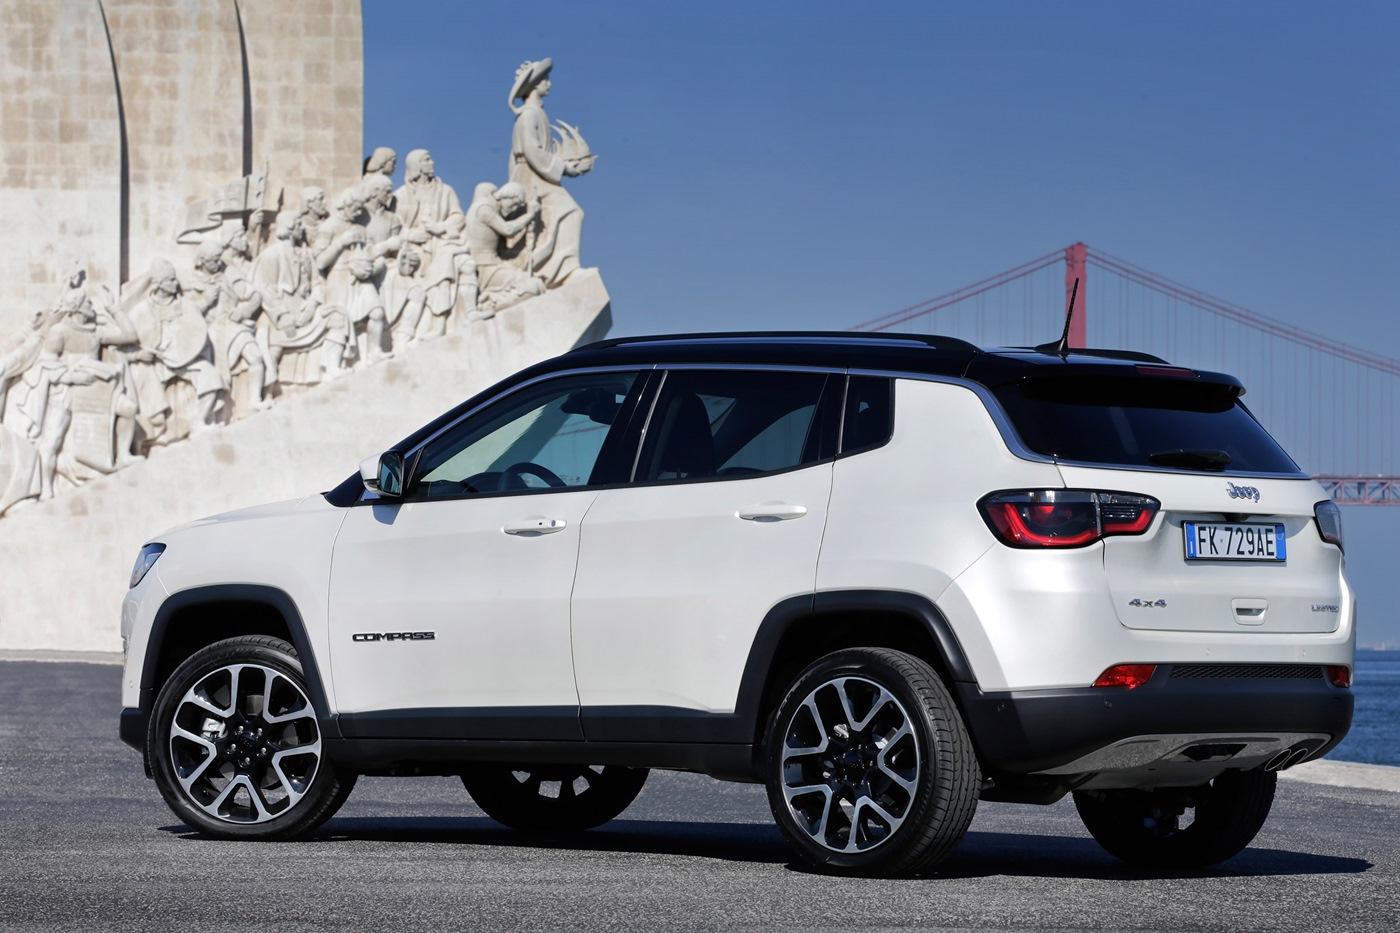 Стала известна стоимость нового кроссовера Jeep Compass в Российской Федерации